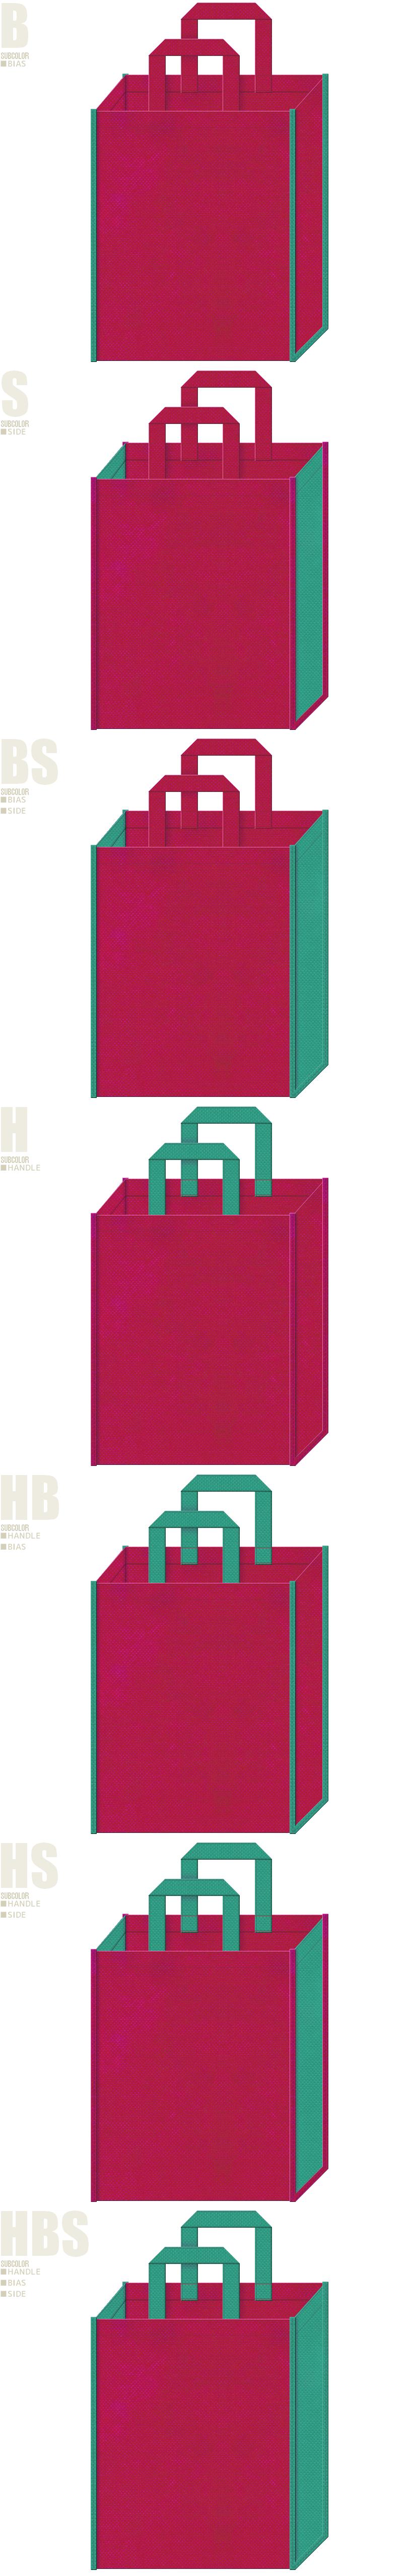 不織布バッグのデザイン:濃いピンク色と青緑色の配色7パターン